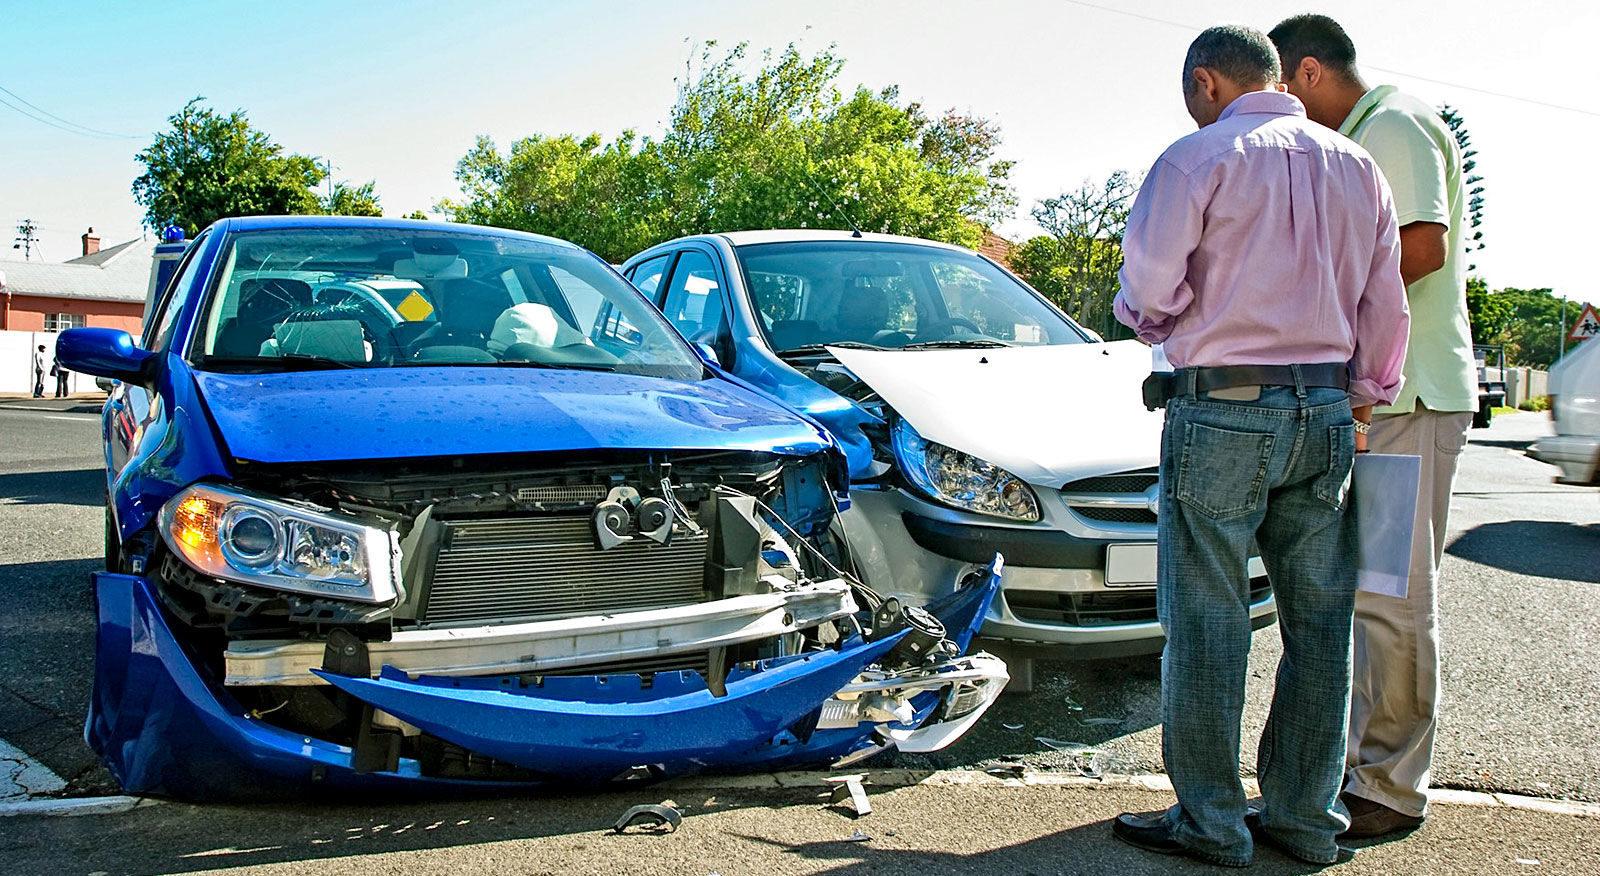 Продажа автомобиля после аварии